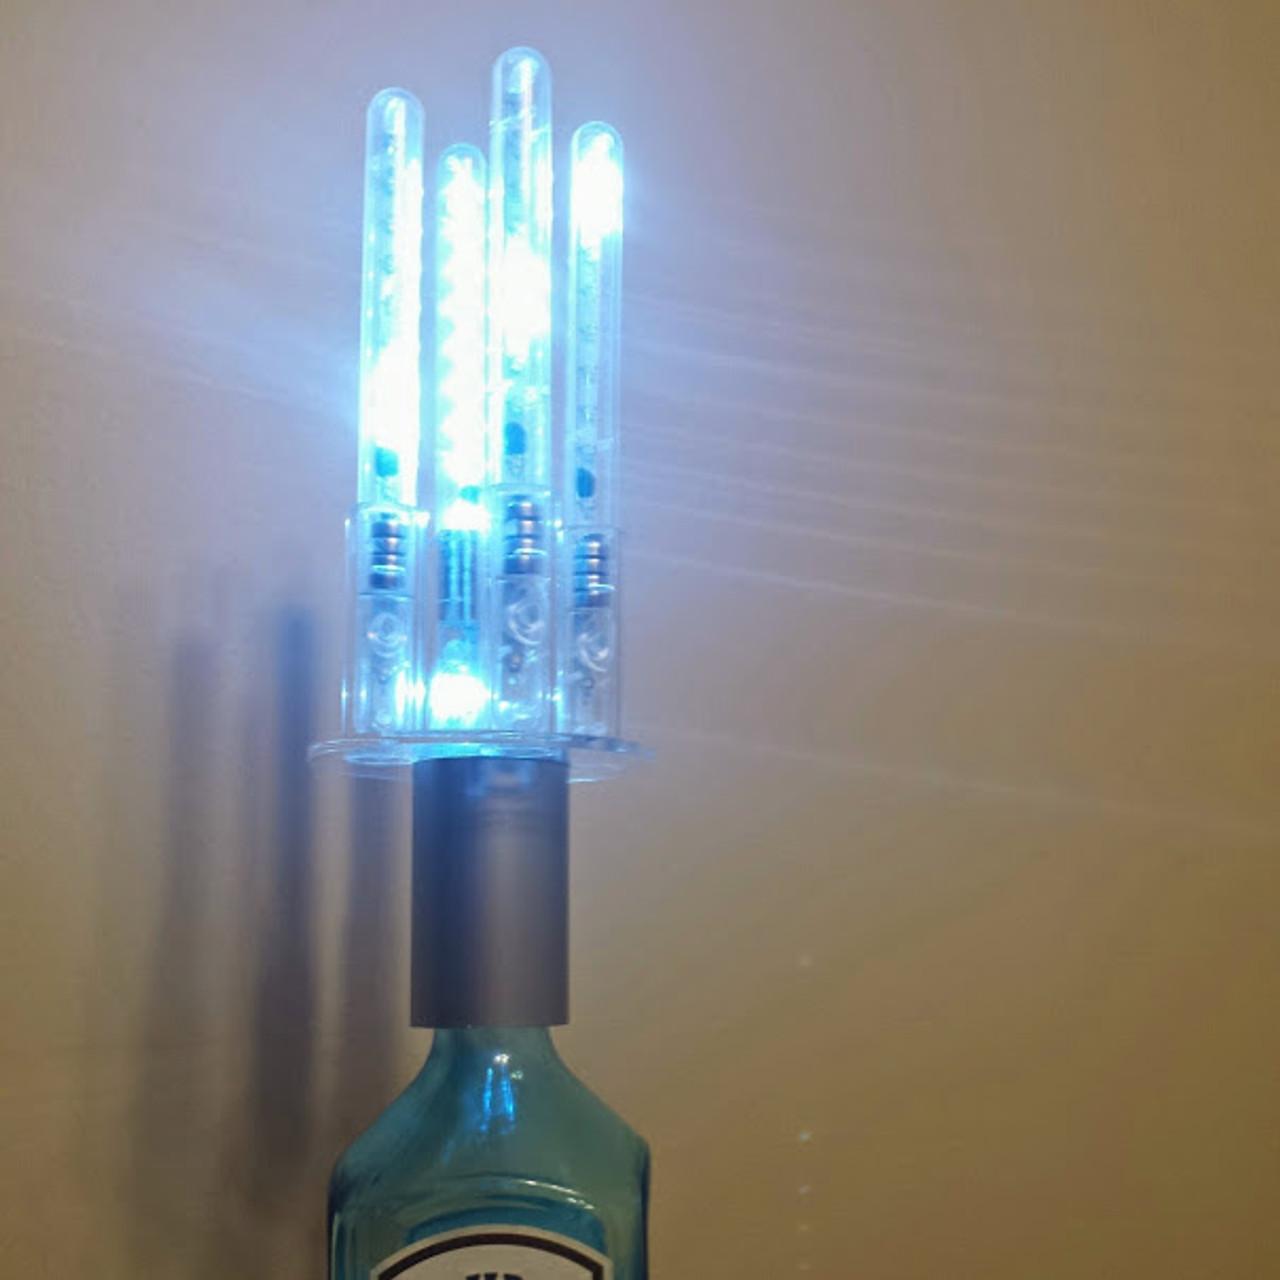 LED Nitesparx, Electronic Sparkler,LED Sparkler, adaptor, holder, topper